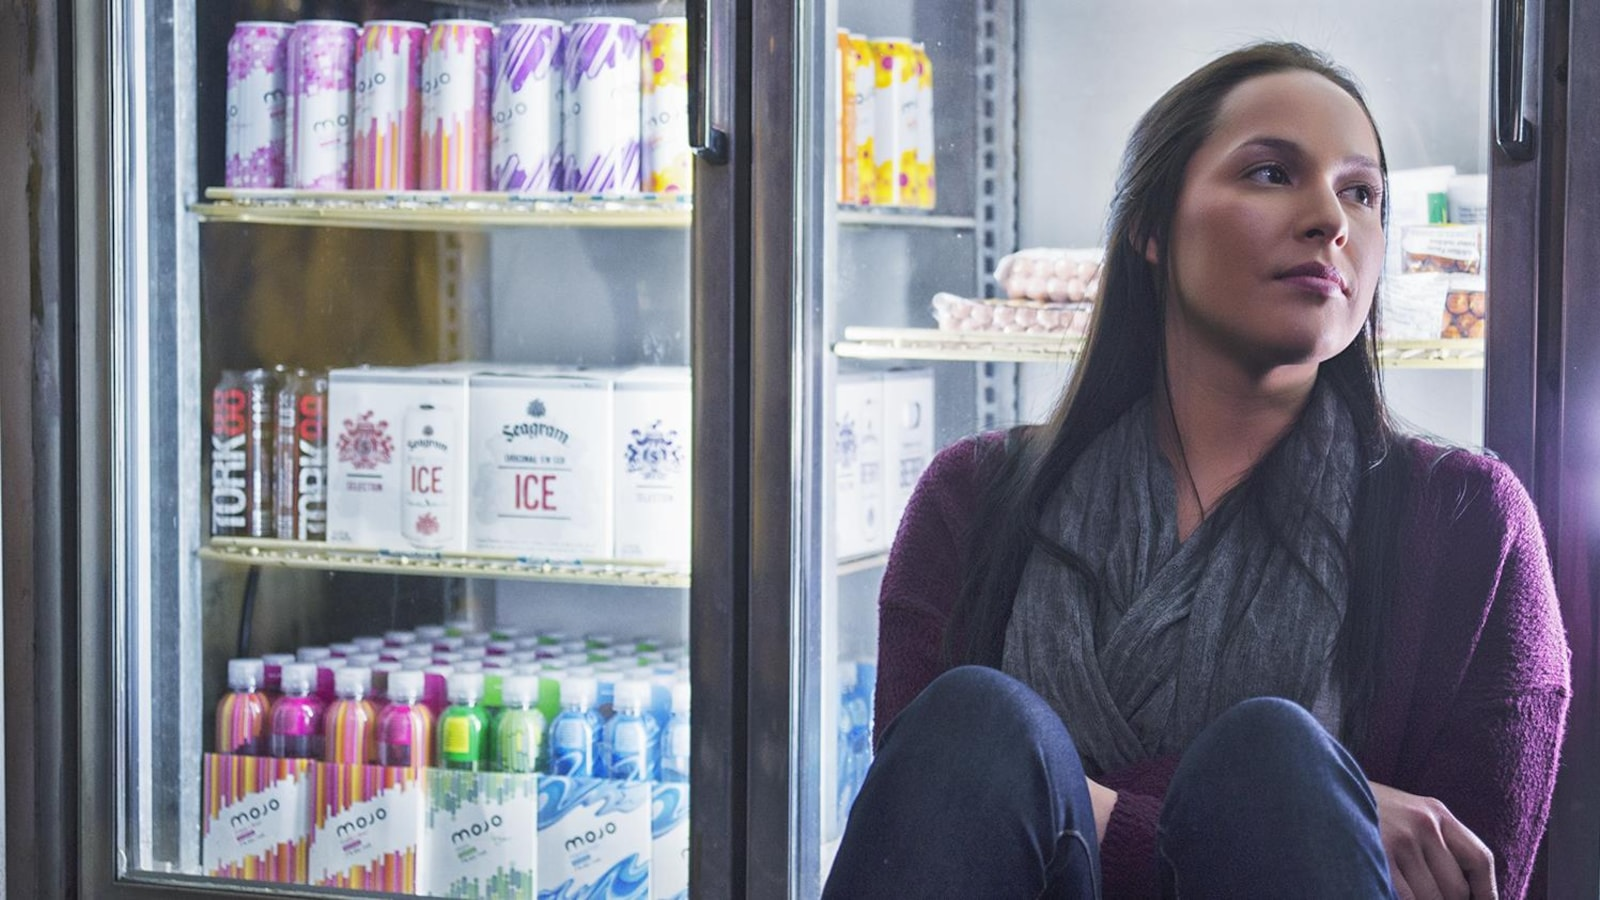 Une jeune fille assise à terre devant un frigo de bières.